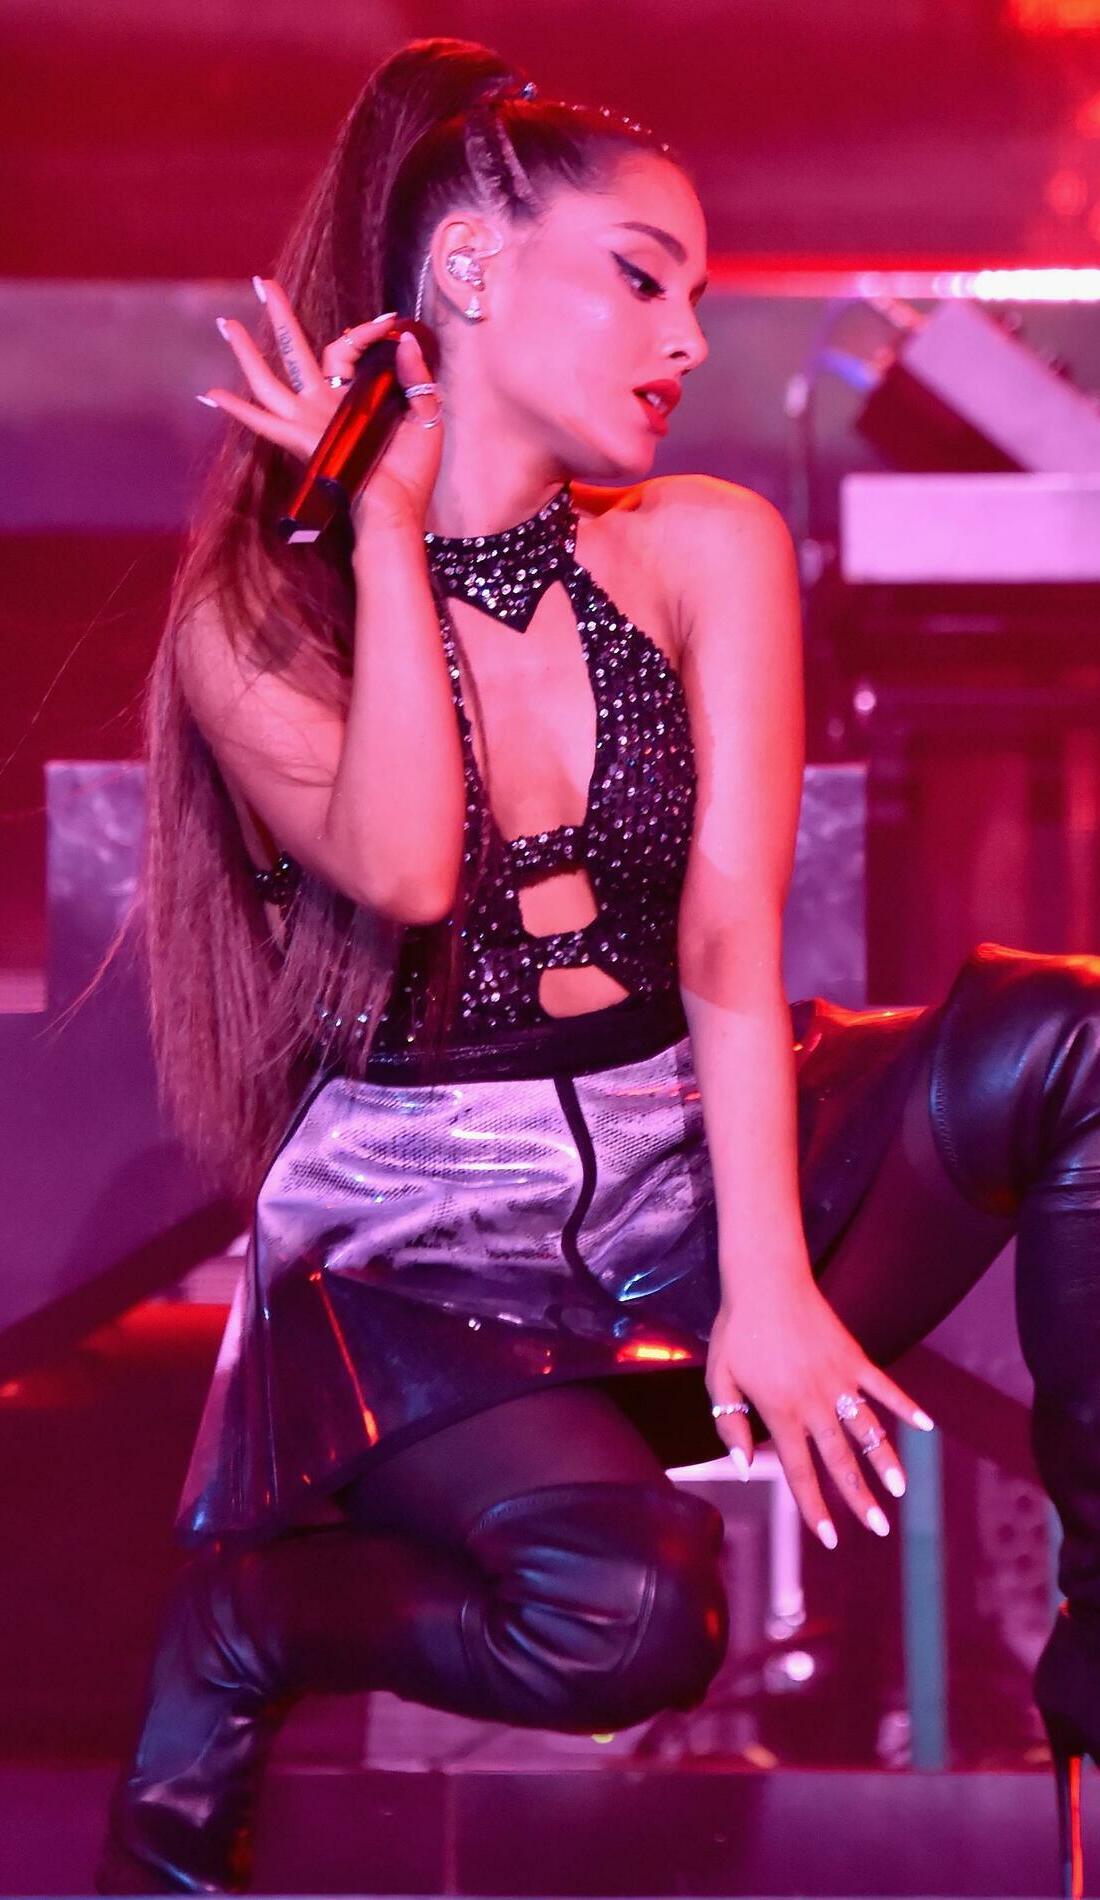 A Ariana Grande live event